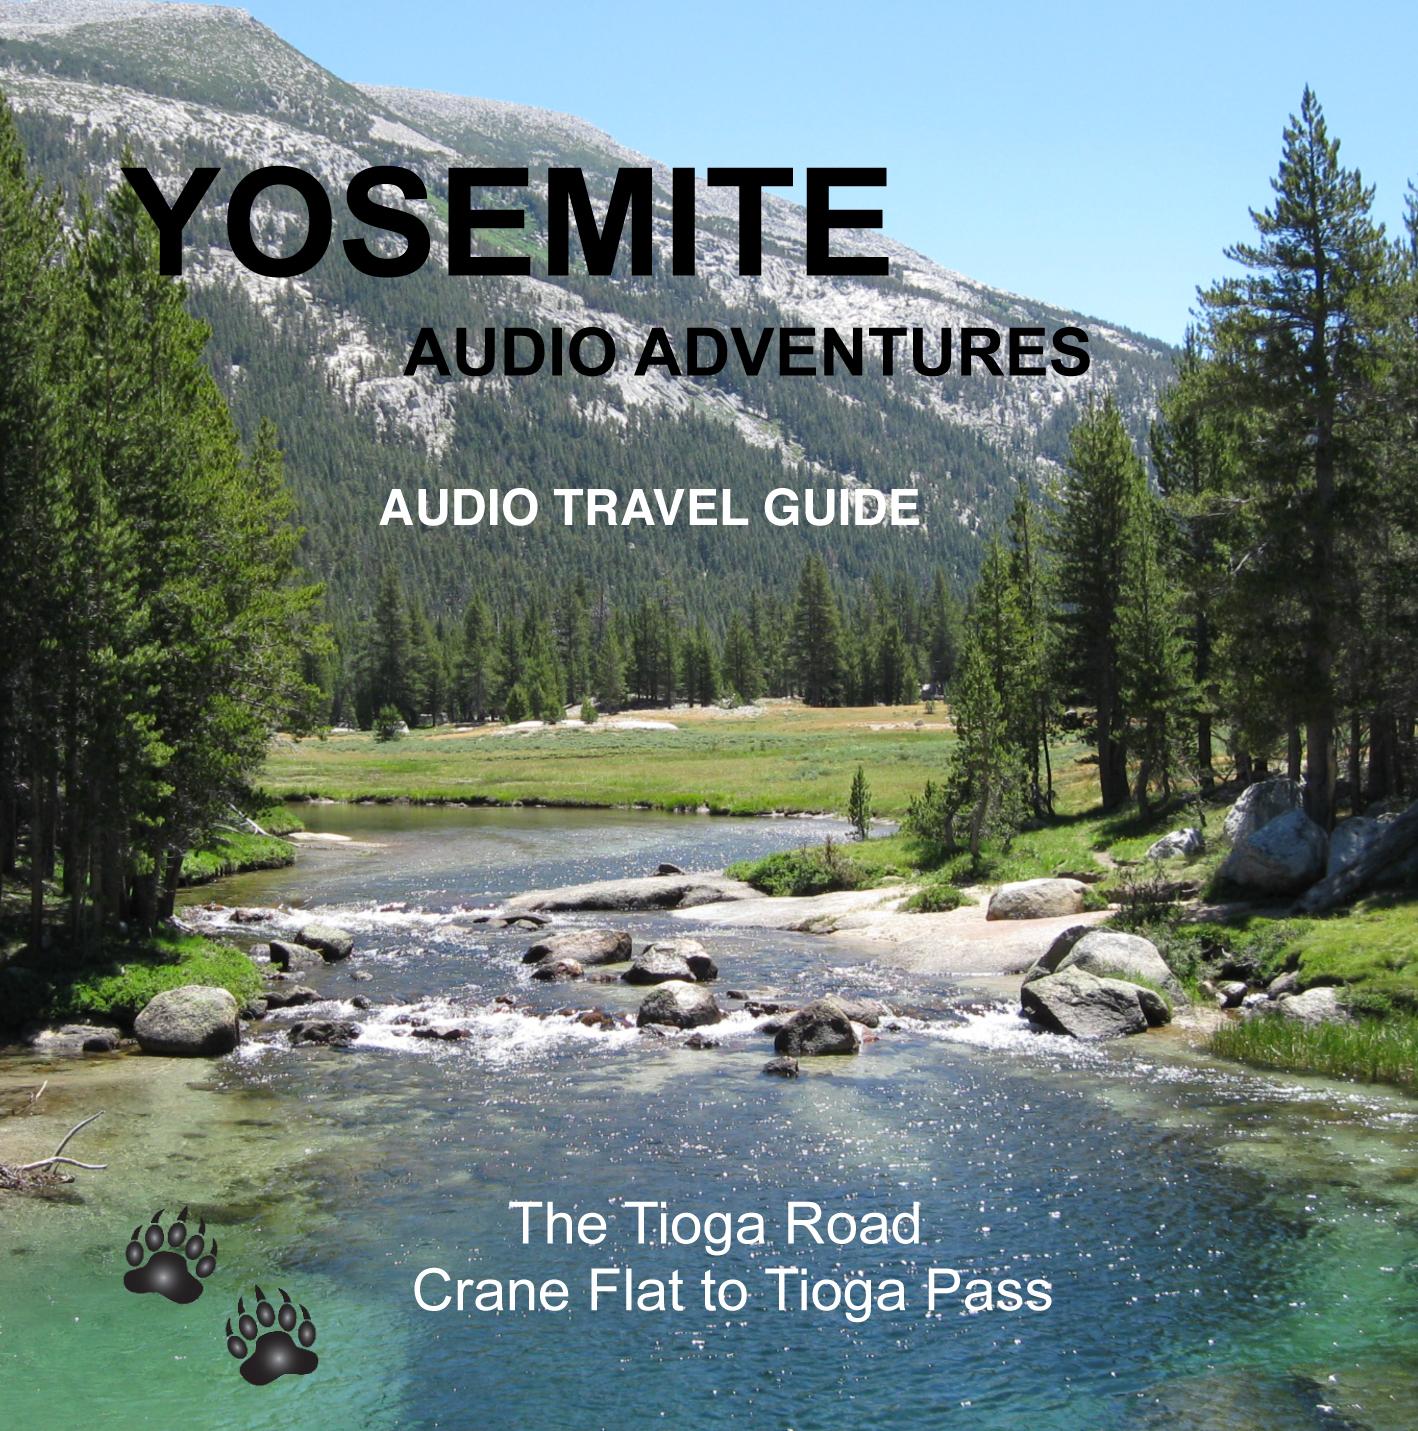 Yosemite National Park Vacations: Plan The Perfect Yosemite Vacation